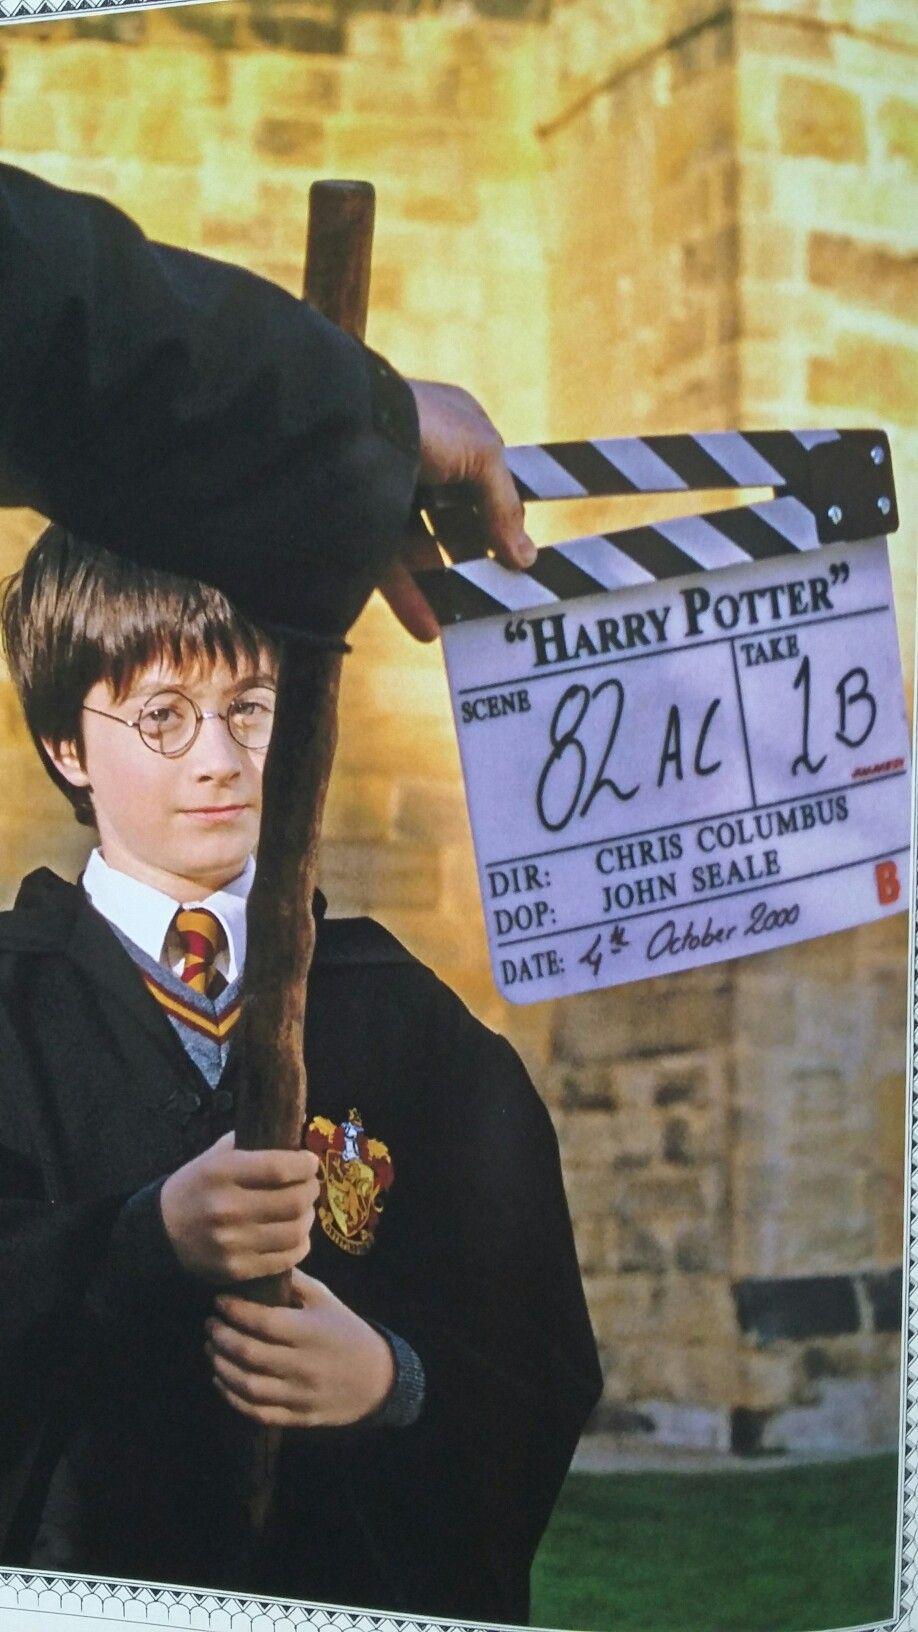 Pin By Jennifer Bundy On Harry Potter Harry James Potter Harry Potter Images Harry Potter Aesthetic